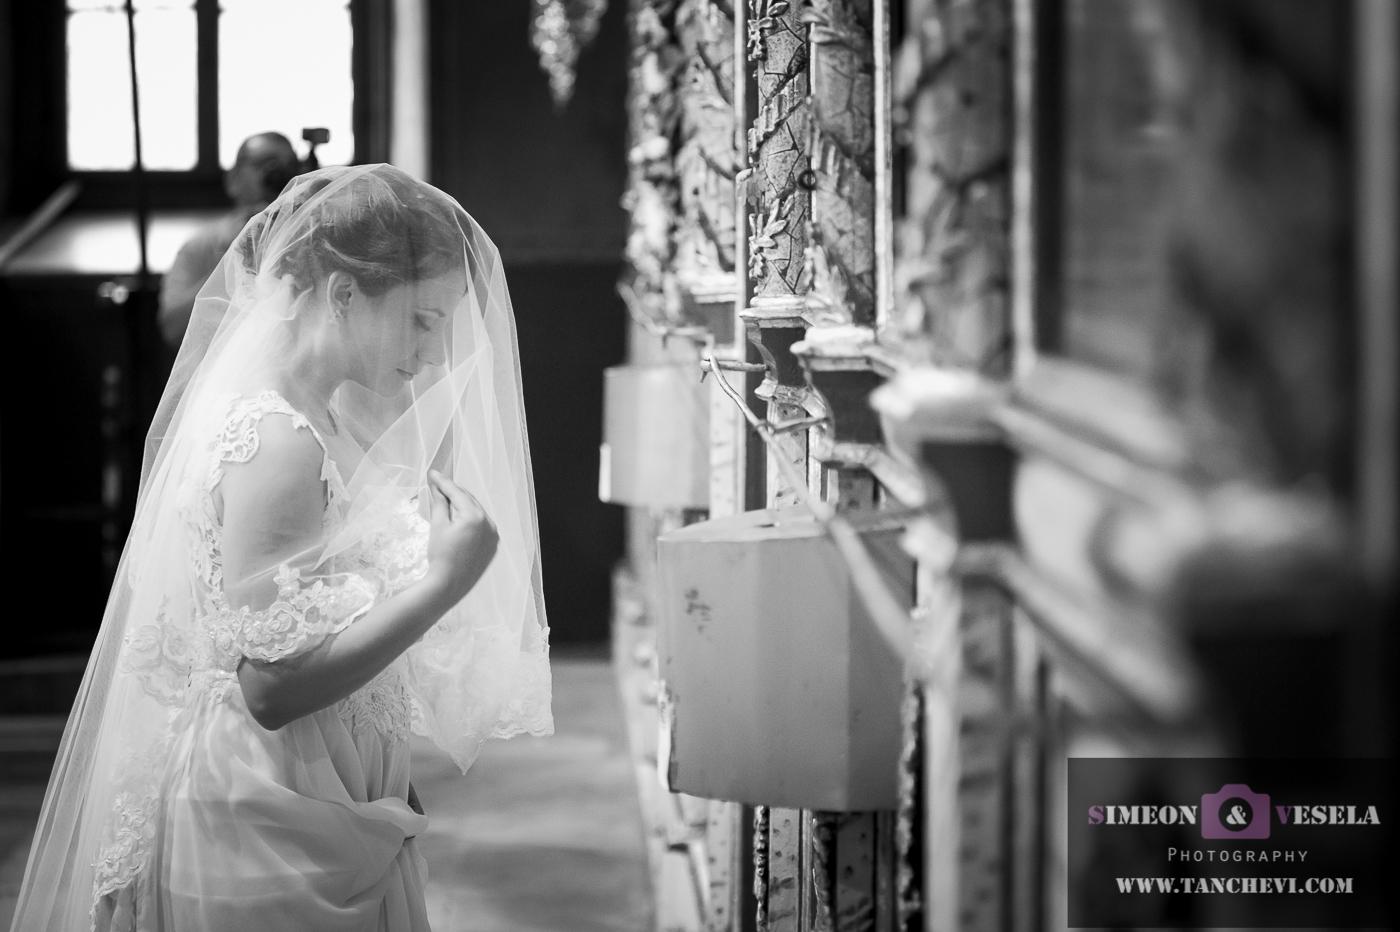 Уловени сватбени моменти в сватбен репортаж от сватбен фотограф в София, Пловдив, Пазарджик, Бургас, Варна, Стара Загора, Ямбол 318